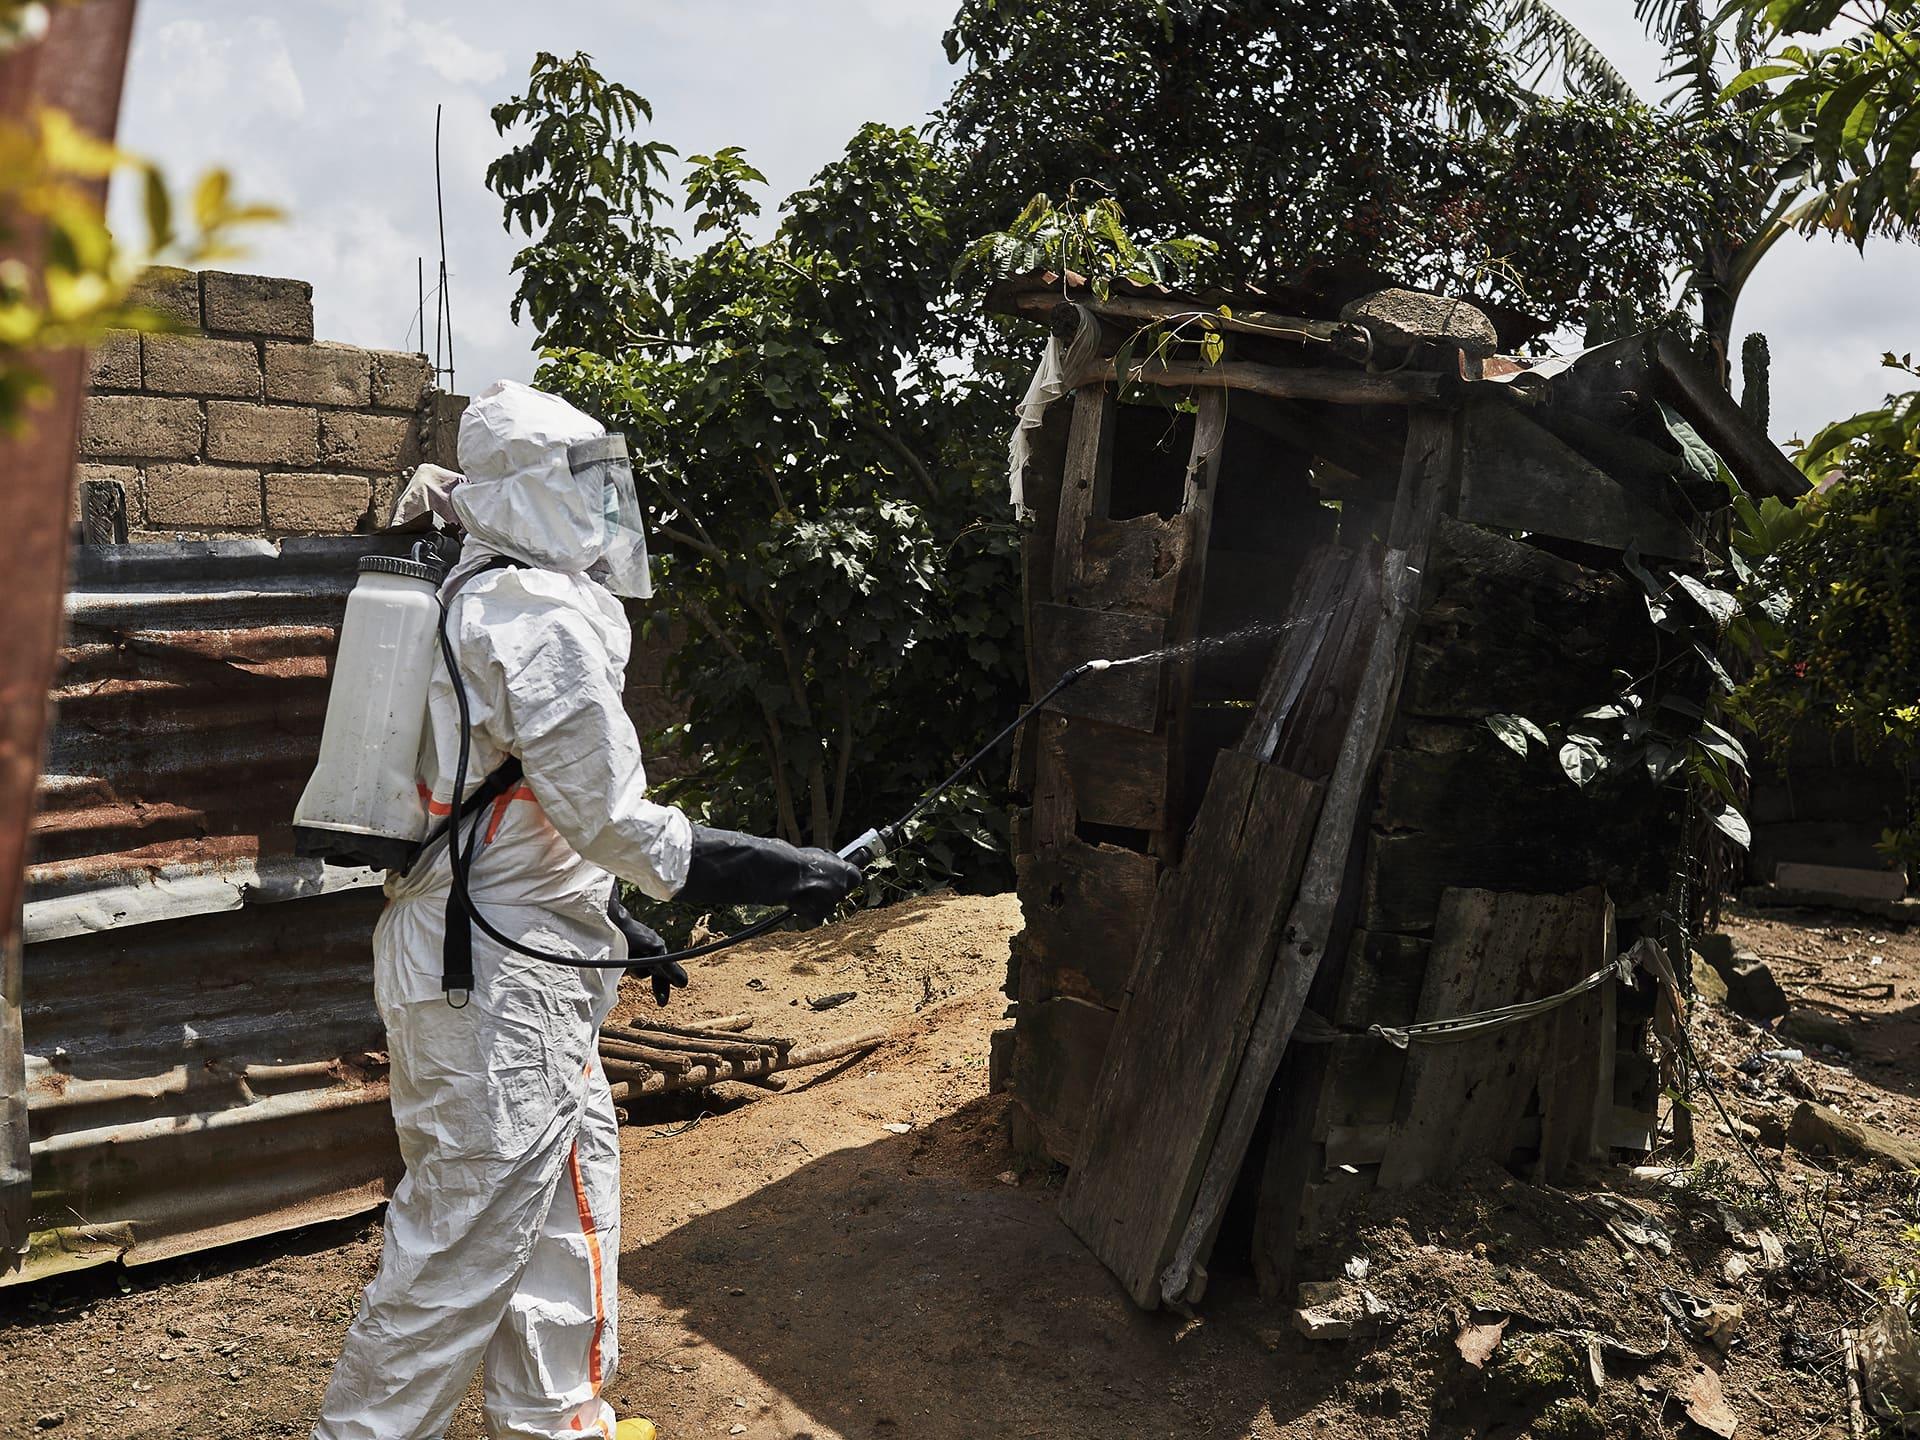 Suojavarusteisiin pukeutunut työntekijä ruiskuttaa desinfiointiainetta ebola-potilaan puutarhavajaan.